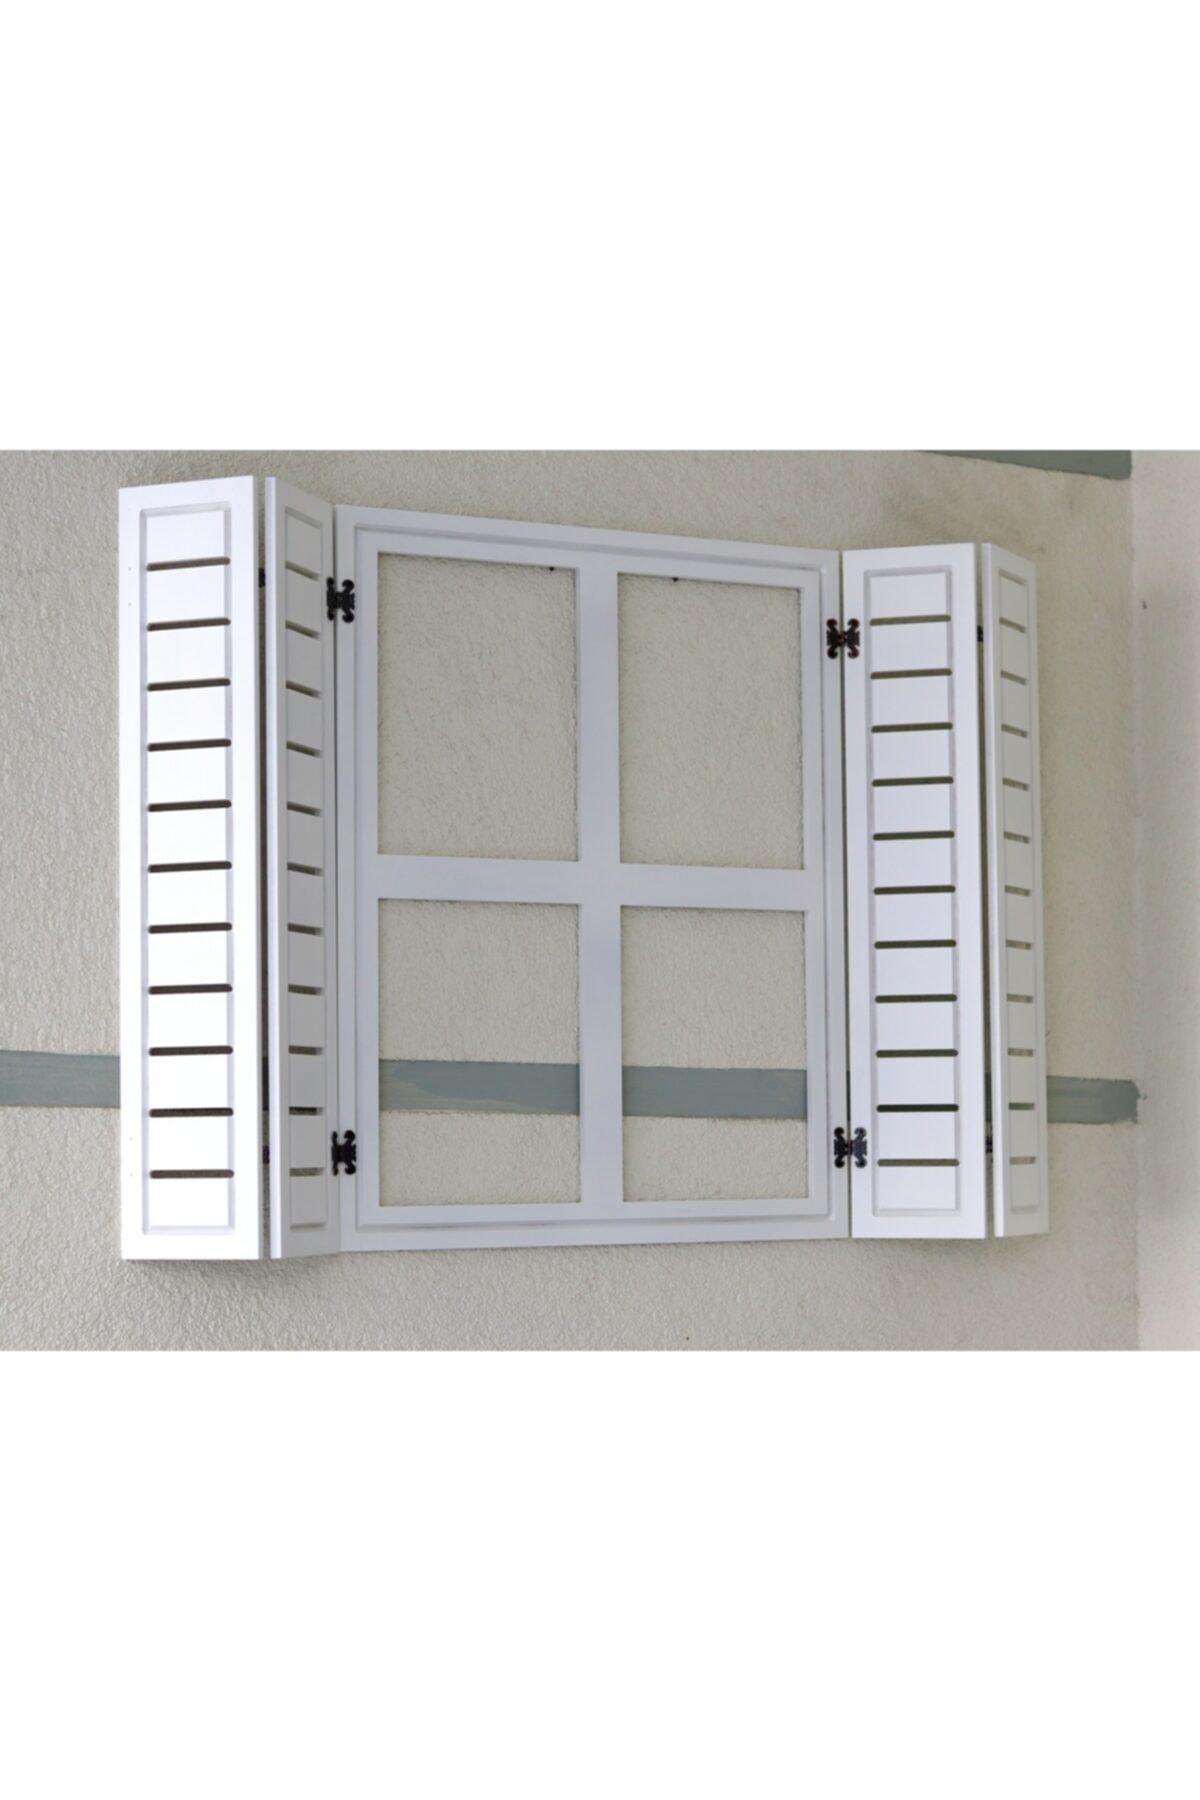 noylens Dekor Panjur Ahşap Pencere Model Aynalık Hediyelik Bahçe Oyuncak Duvar Süsü Çocuk Odası Dekor 1